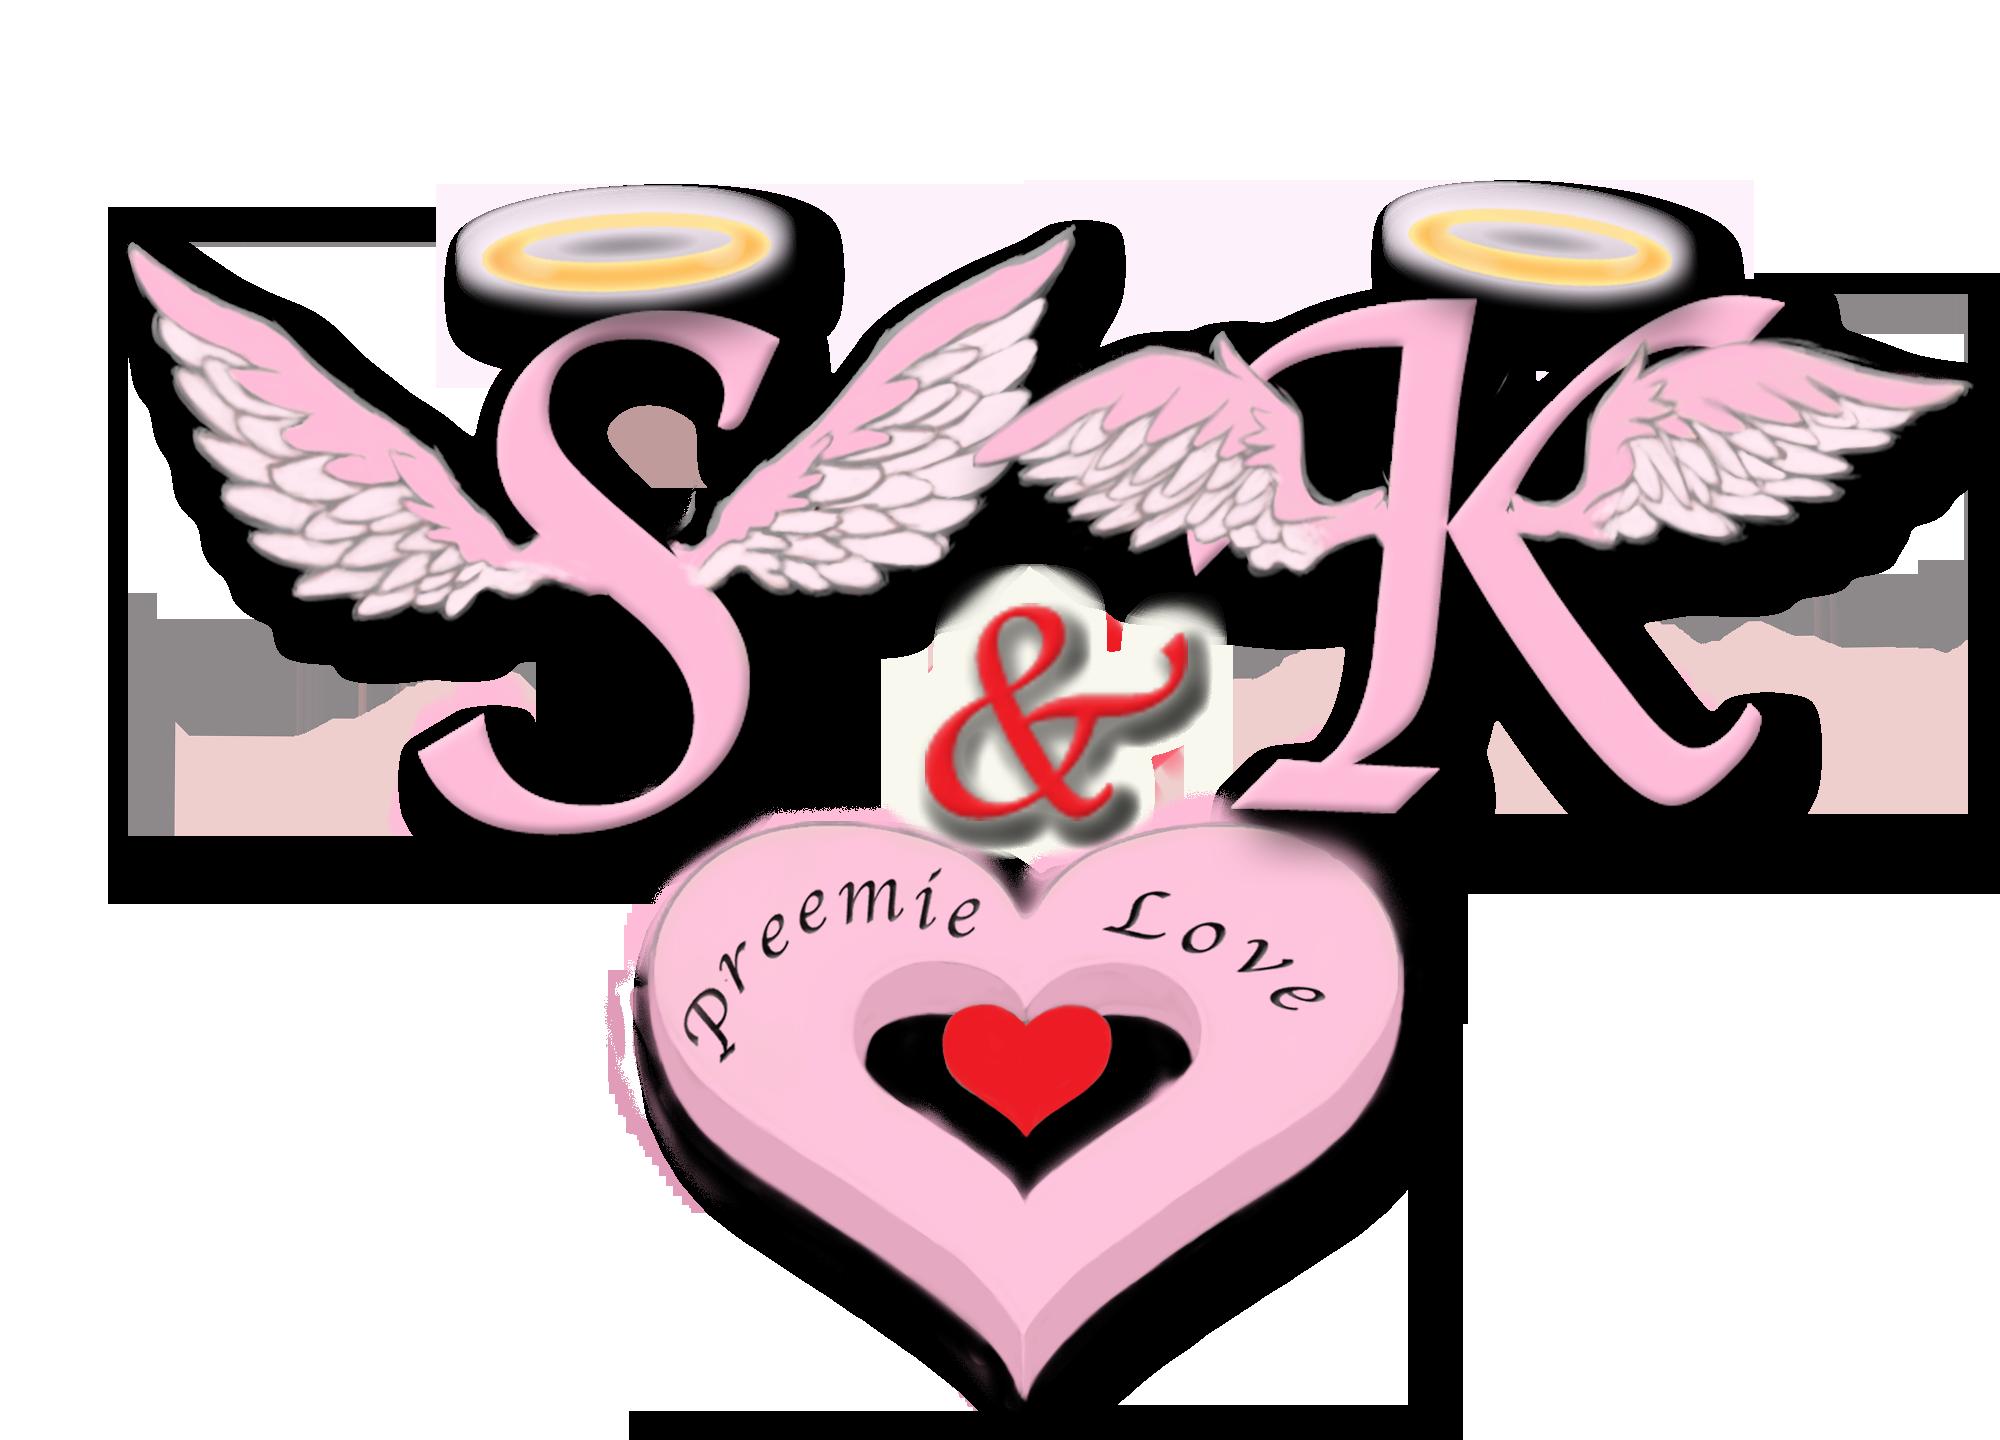 S & K Preemie Love